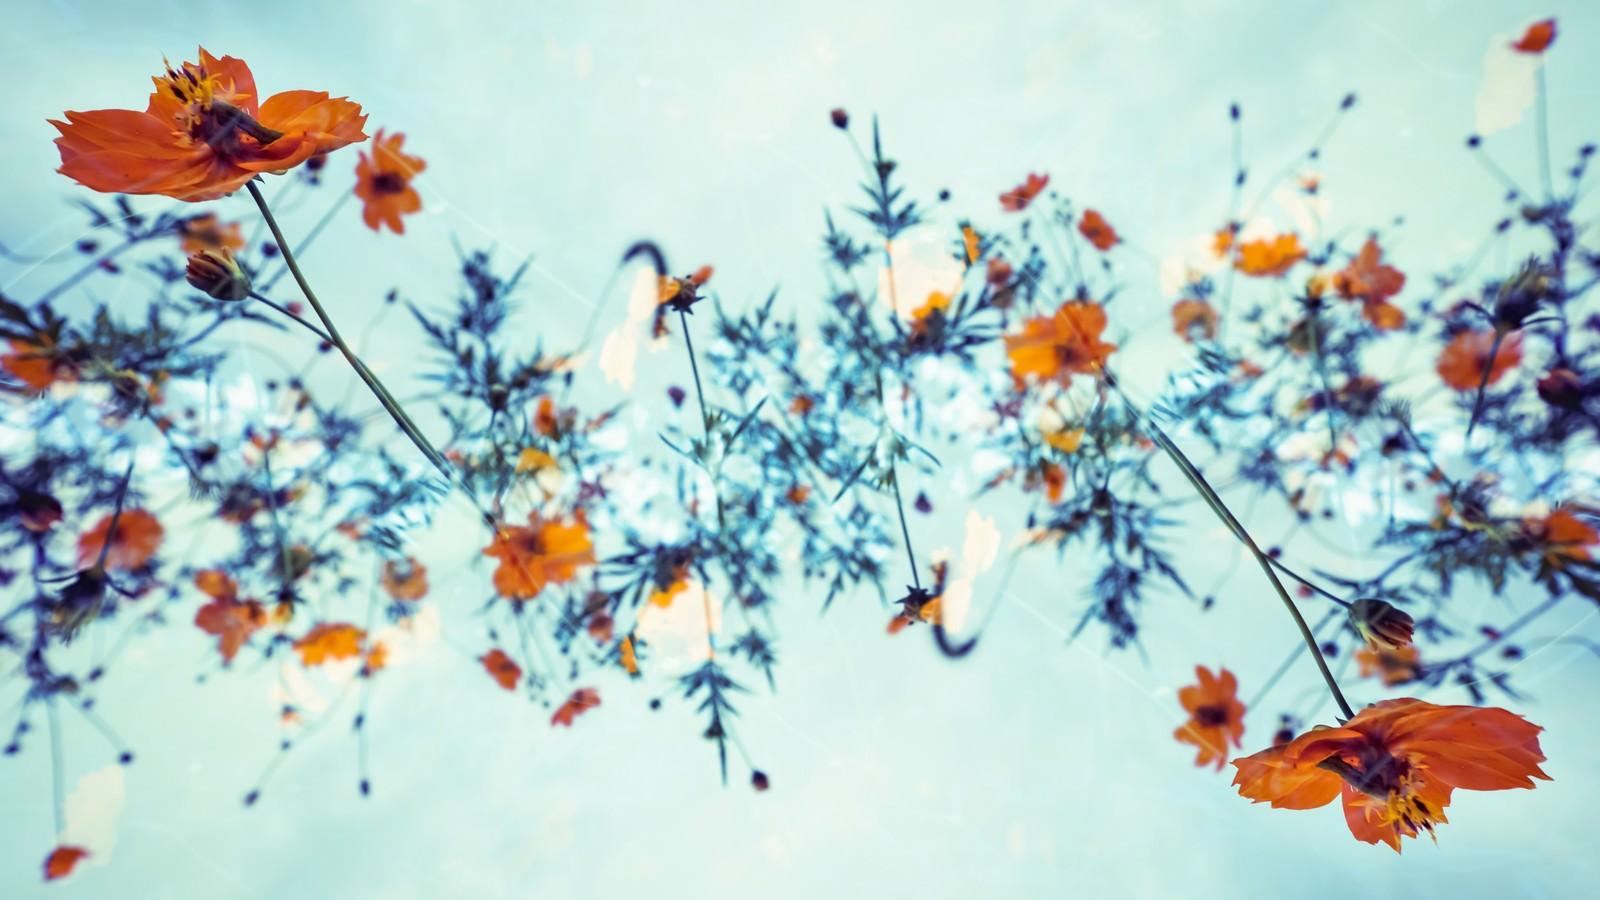 「秋桜の螺旋」の写真